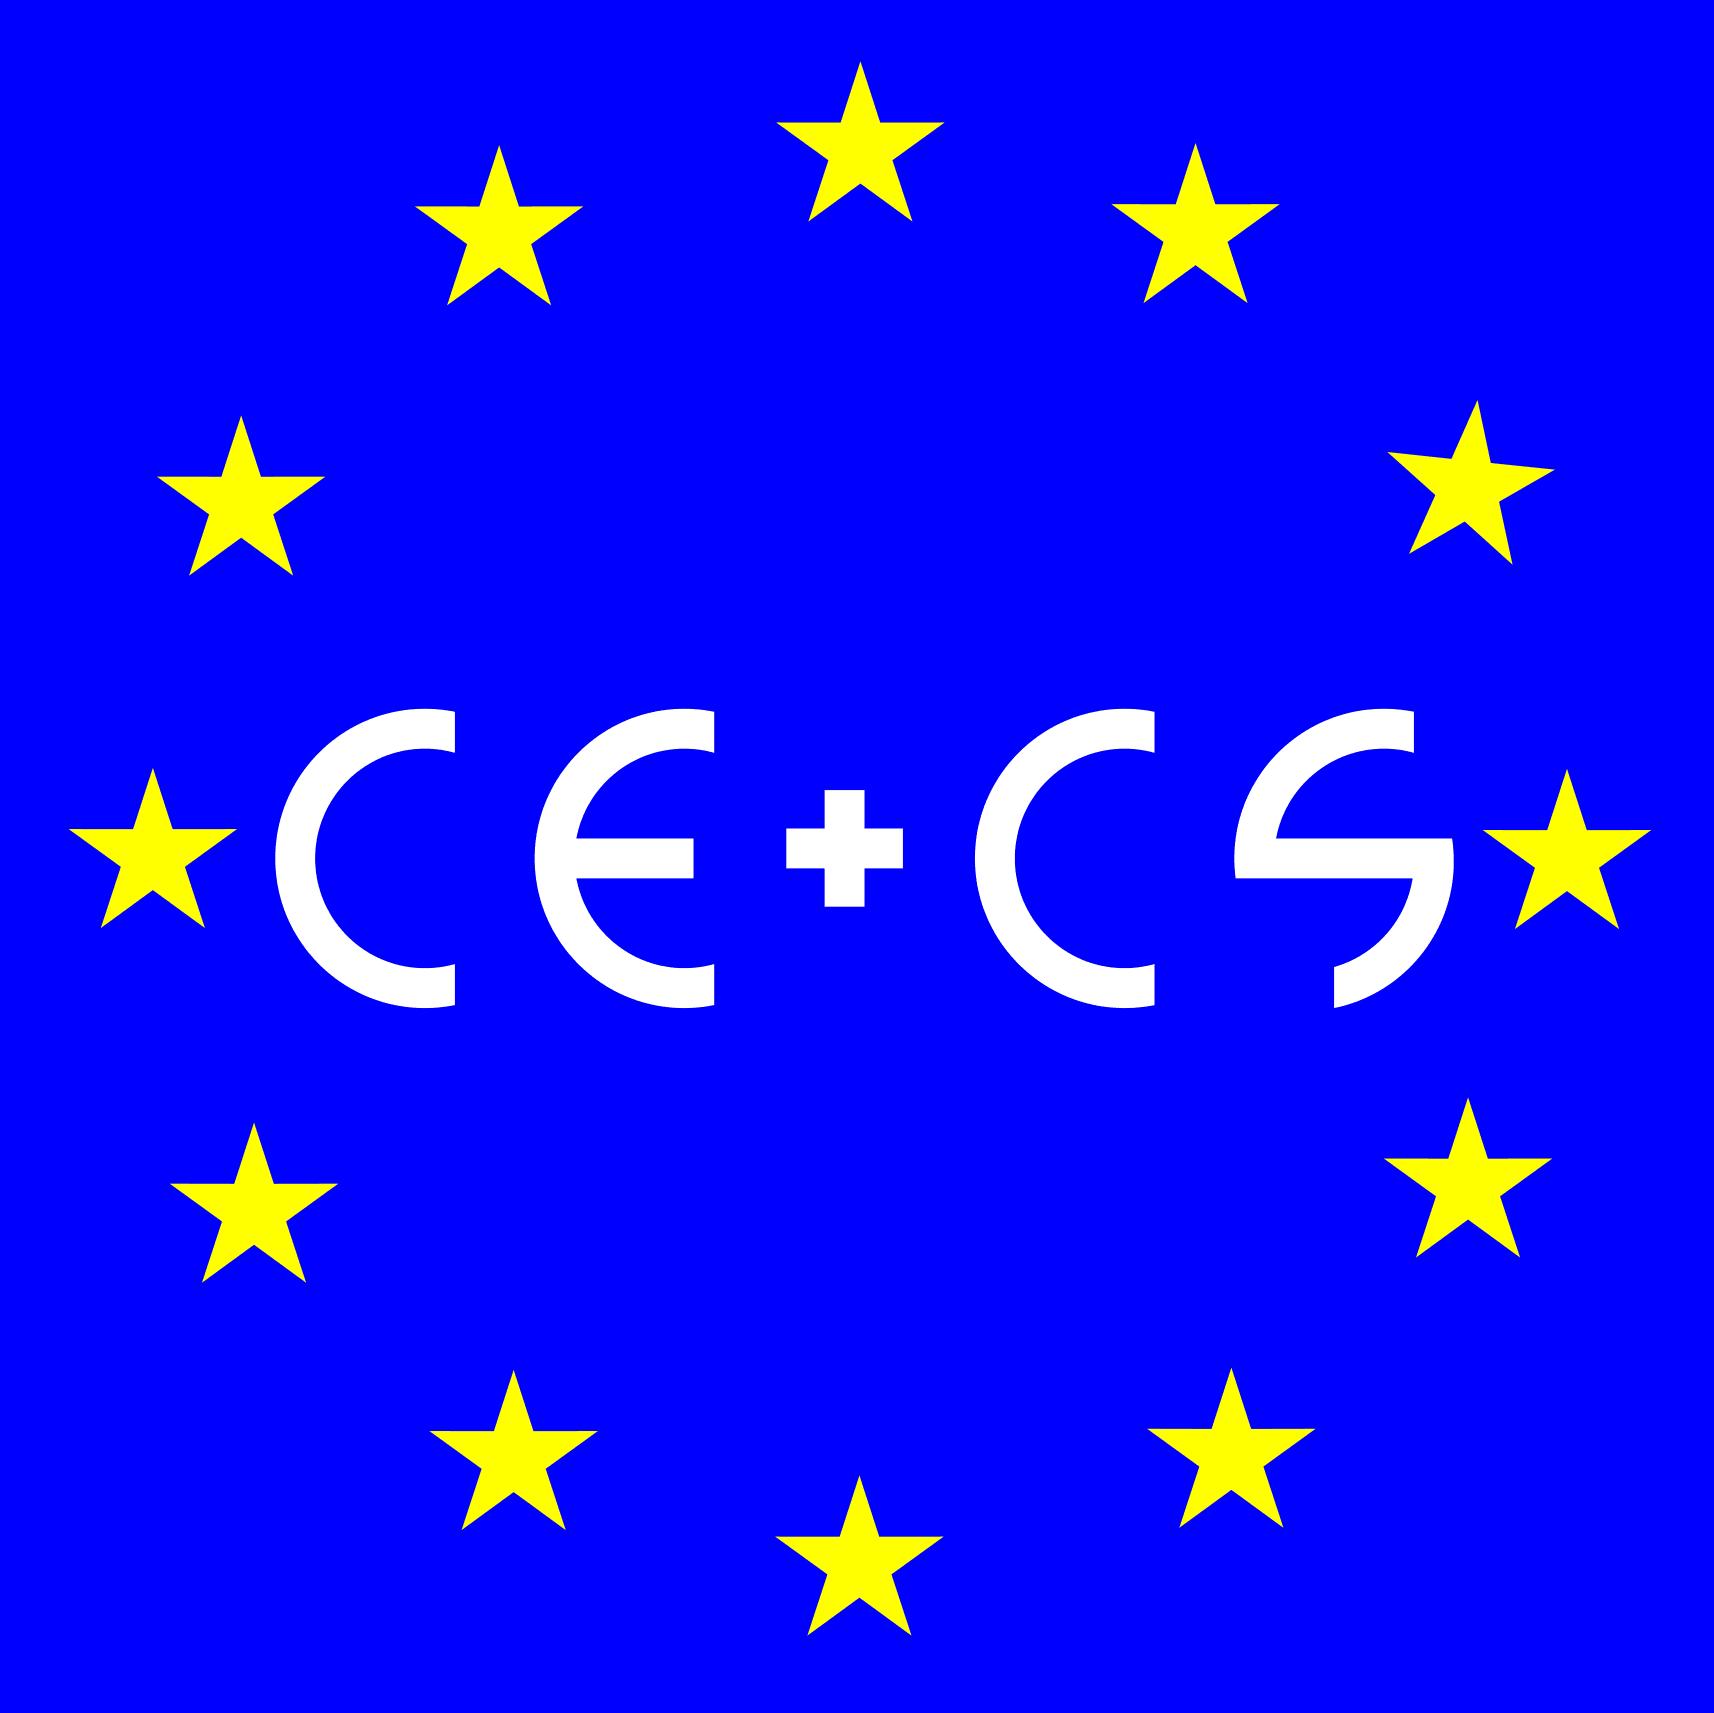 Moet de EU naast CE ook niet CS introduceren?